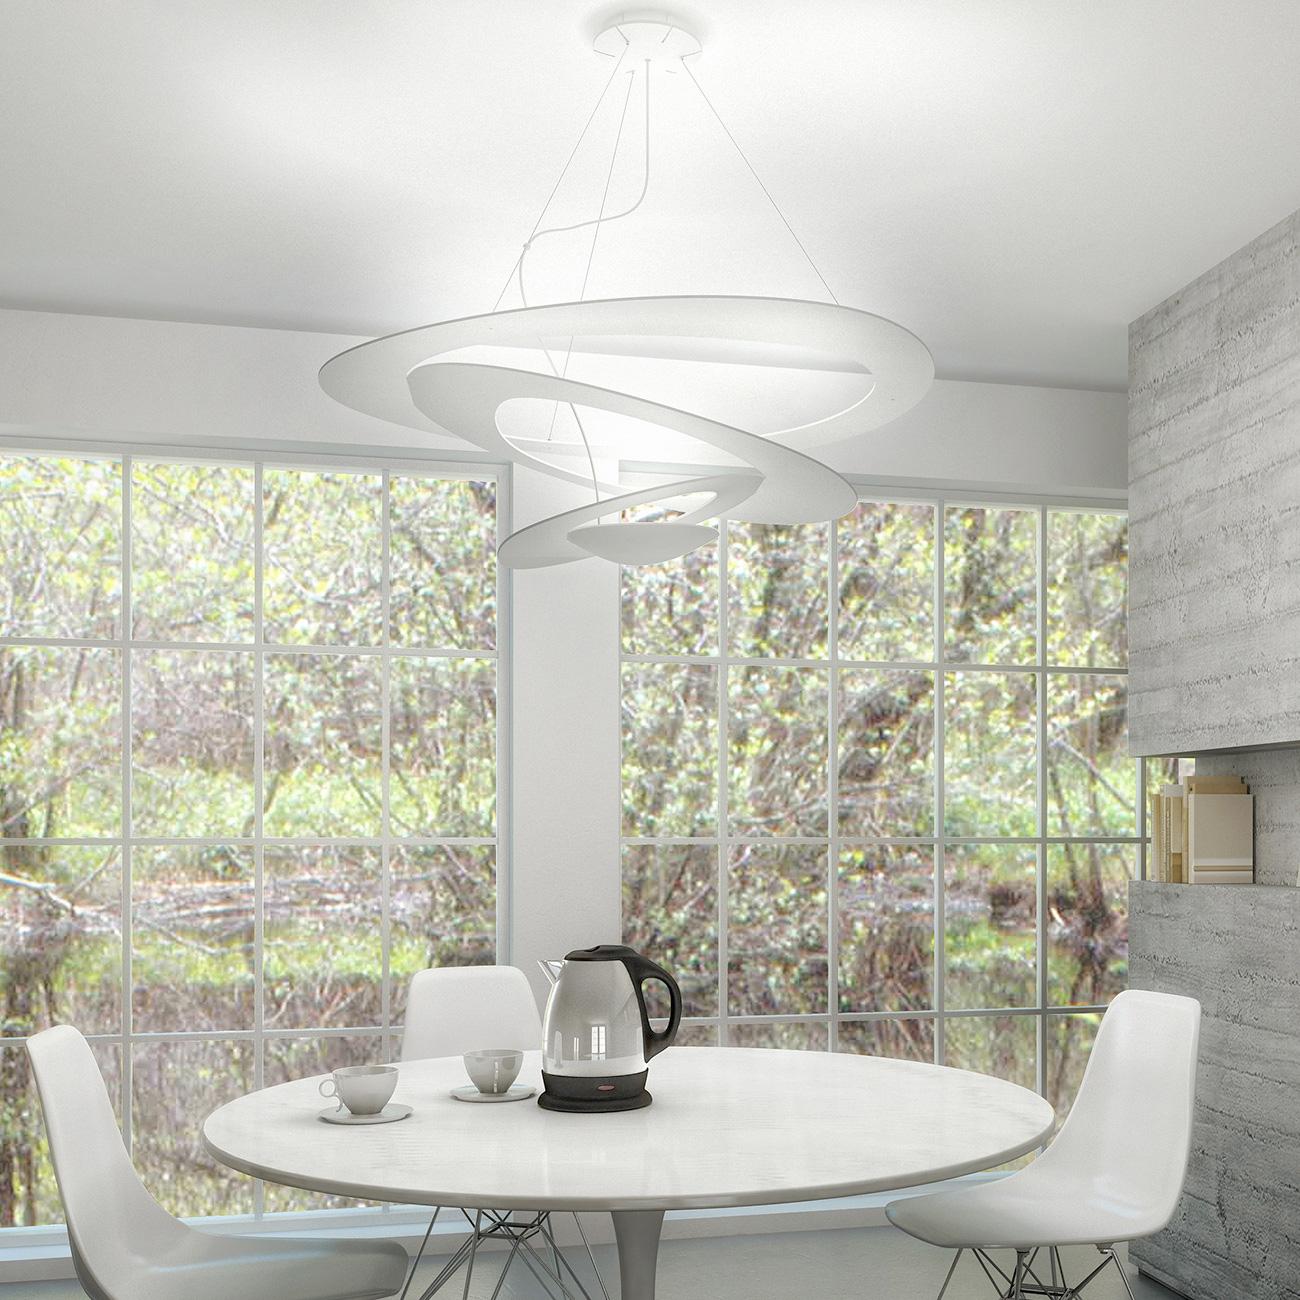 artemide pirce sospensione led pendelleuchte 1254110a. Black Bedroom Furniture Sets. Home Design Ideas